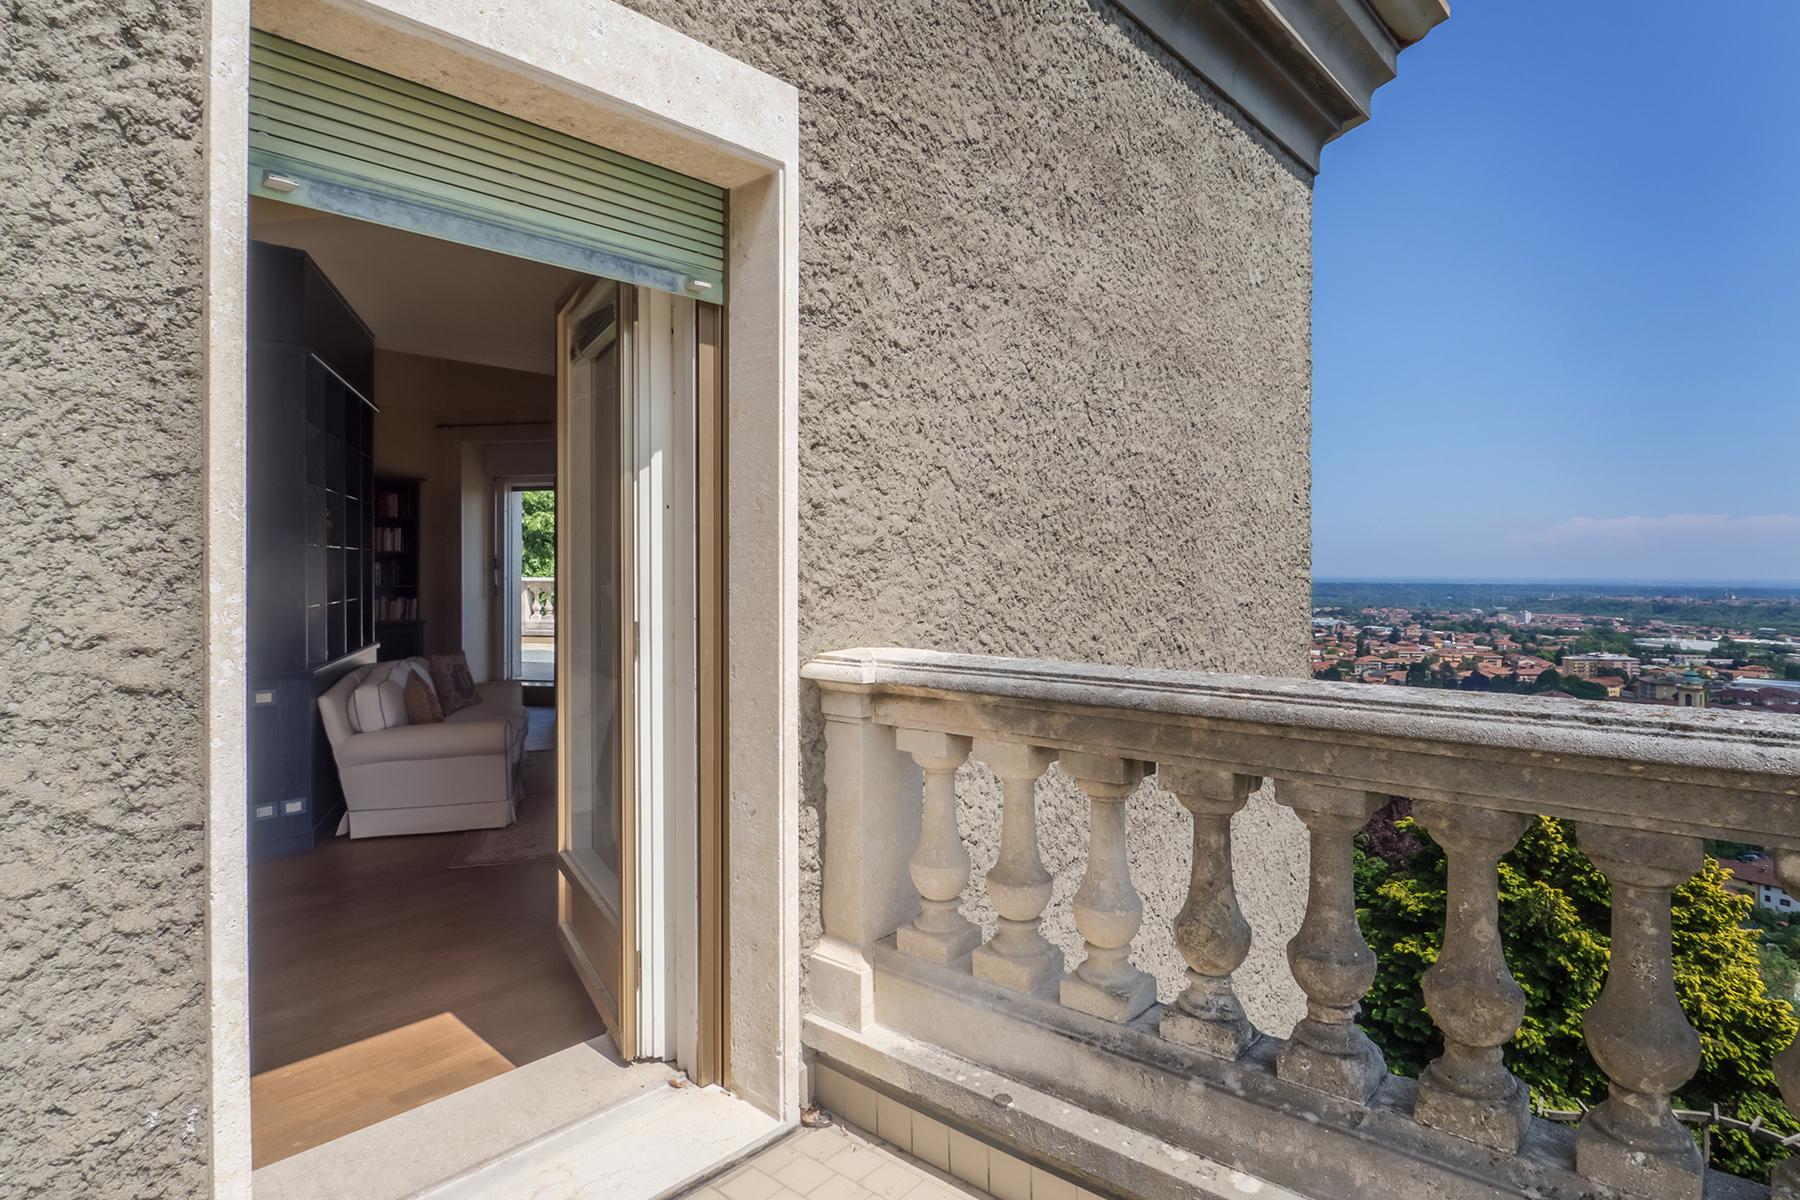 Appartamento in Vendita a Biella: 4 locali, 185 mq - Foto 11